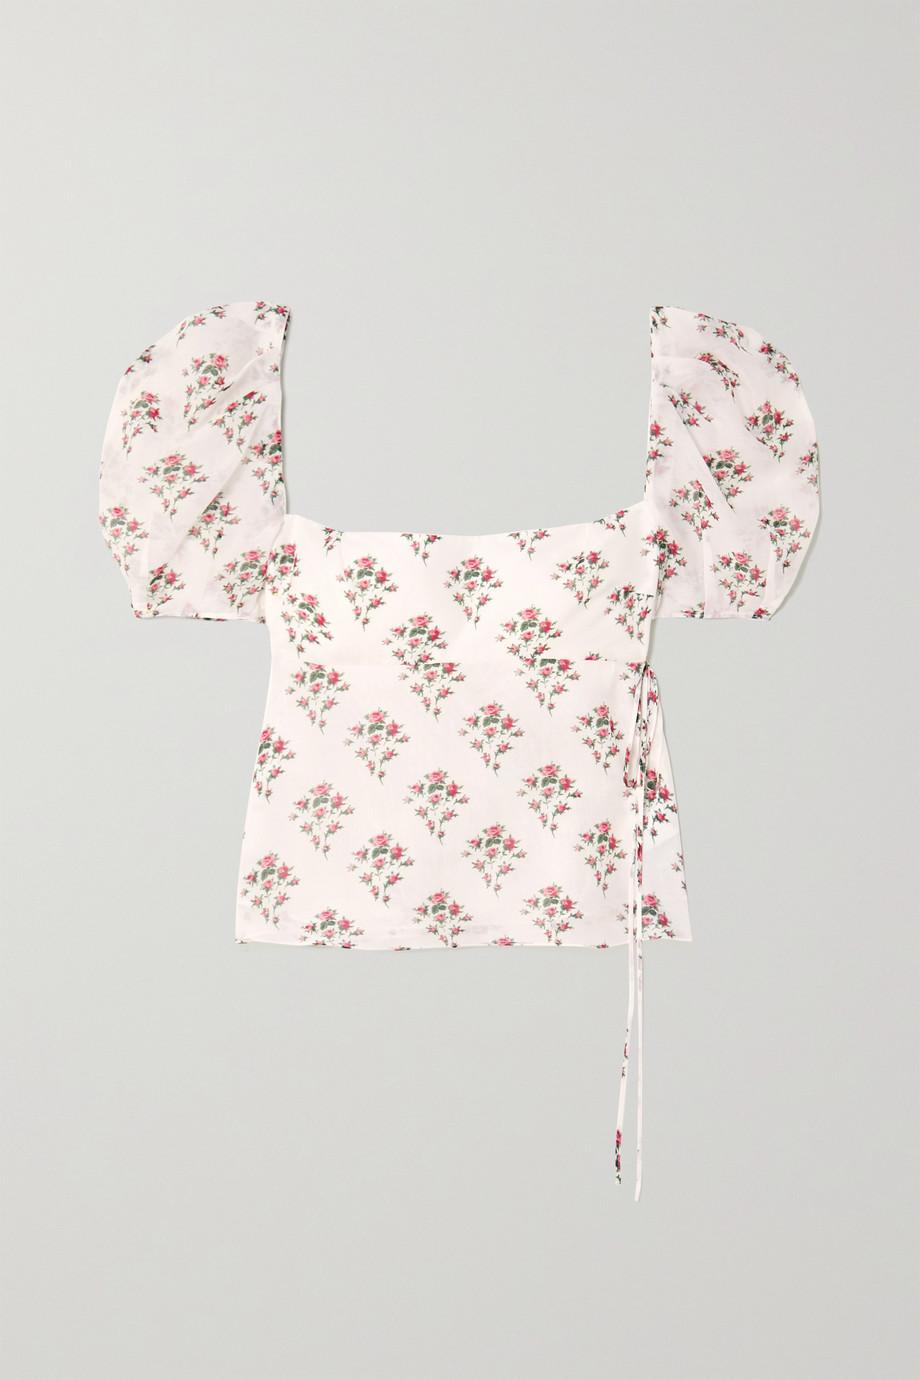 Brock Collection Oberteil aus einer Baumwoll-Seidenmischung mit Blumenprint zum Binden